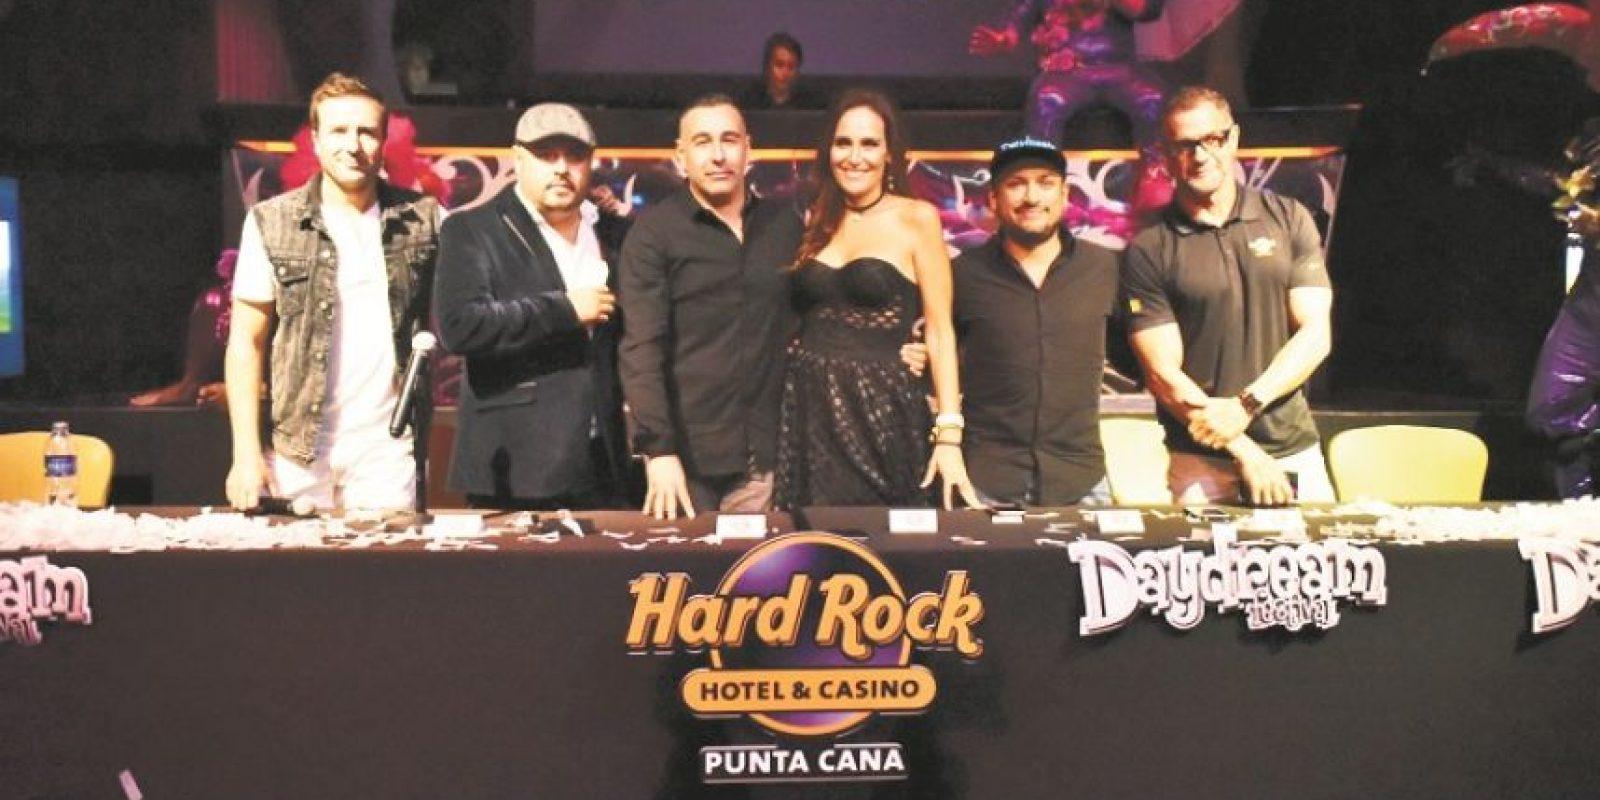 Representantes de IPSDA, Proyectos X y Hard Rock Hotel Punta Cana. Foto: Fuente externa